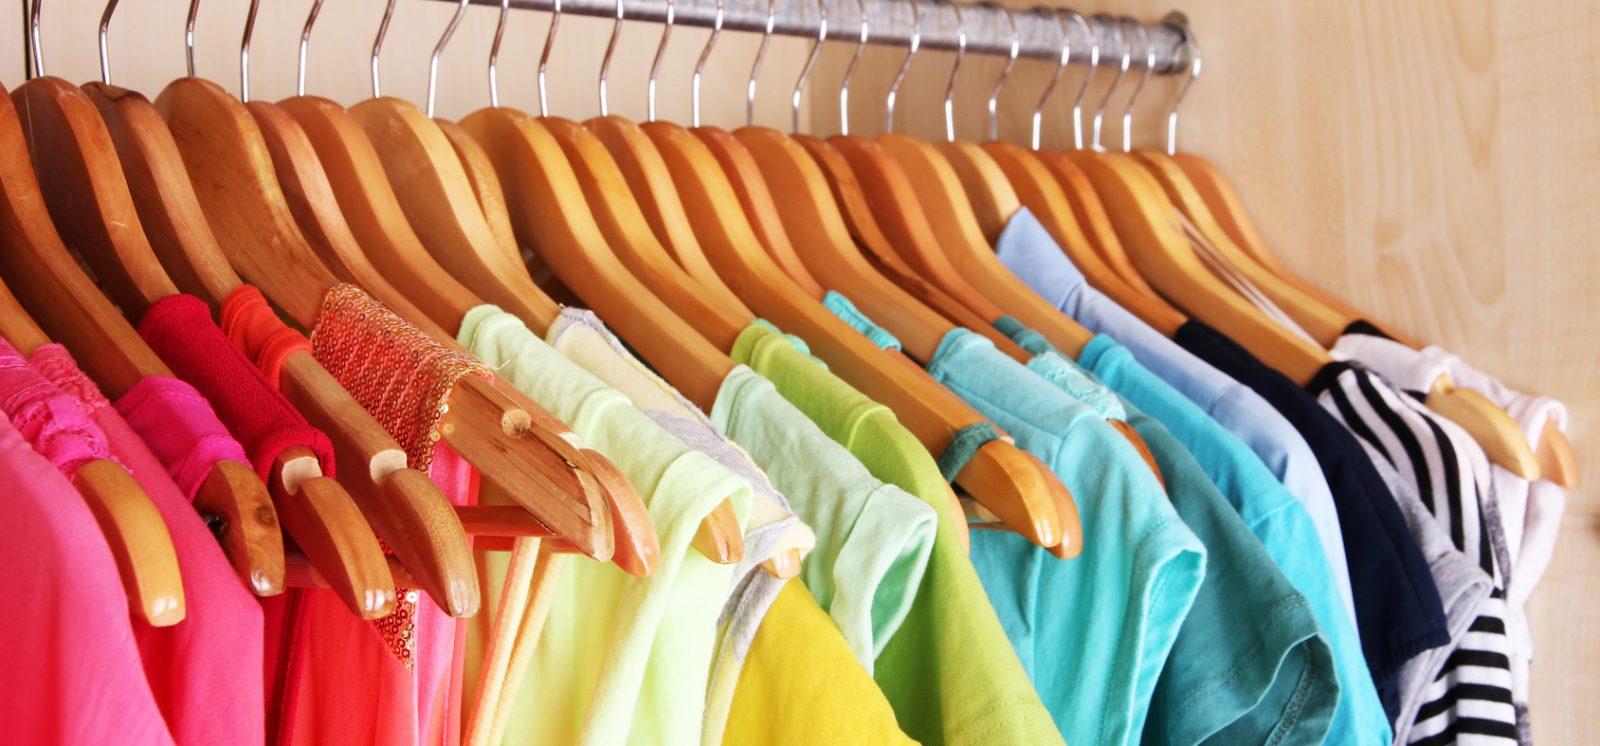 Odczarowanie szarości: kolorowy strój